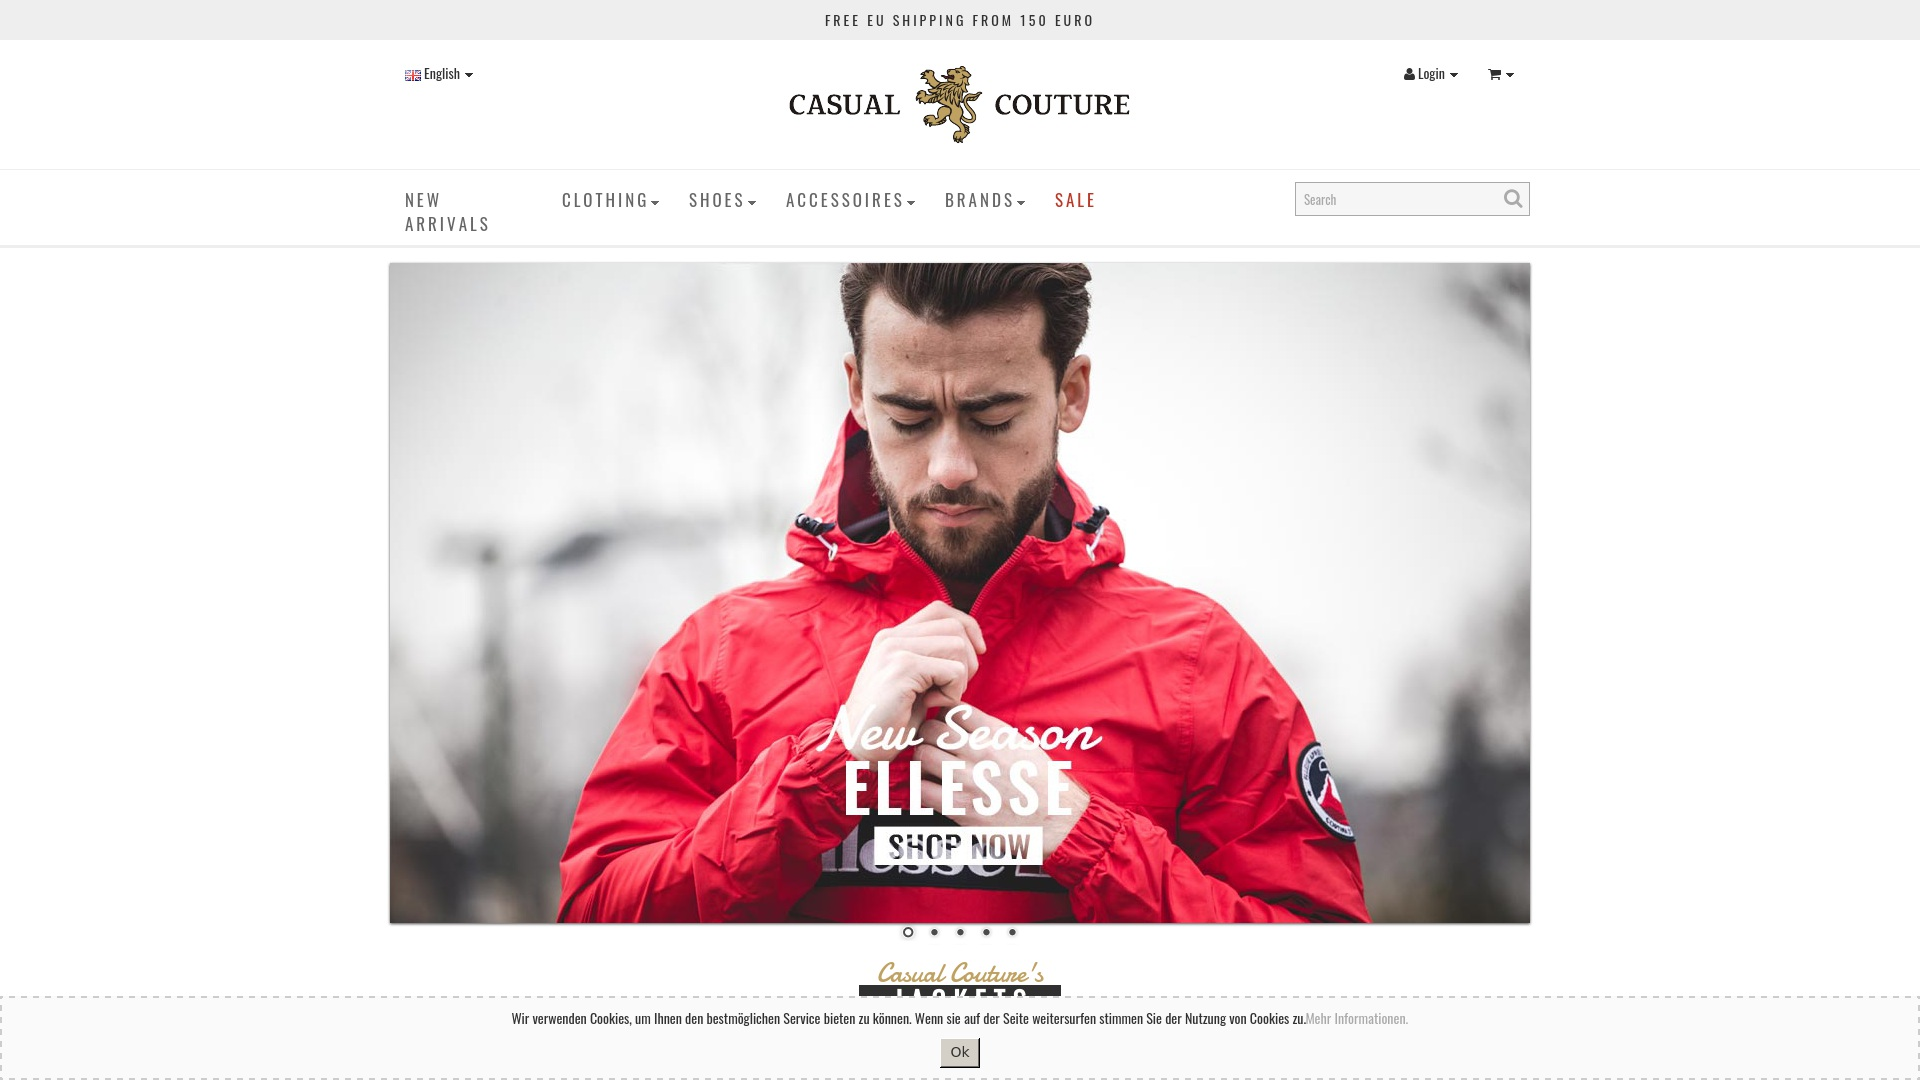 Gutschein für Casualcouture: Rabatte für  Casualcouture sichern